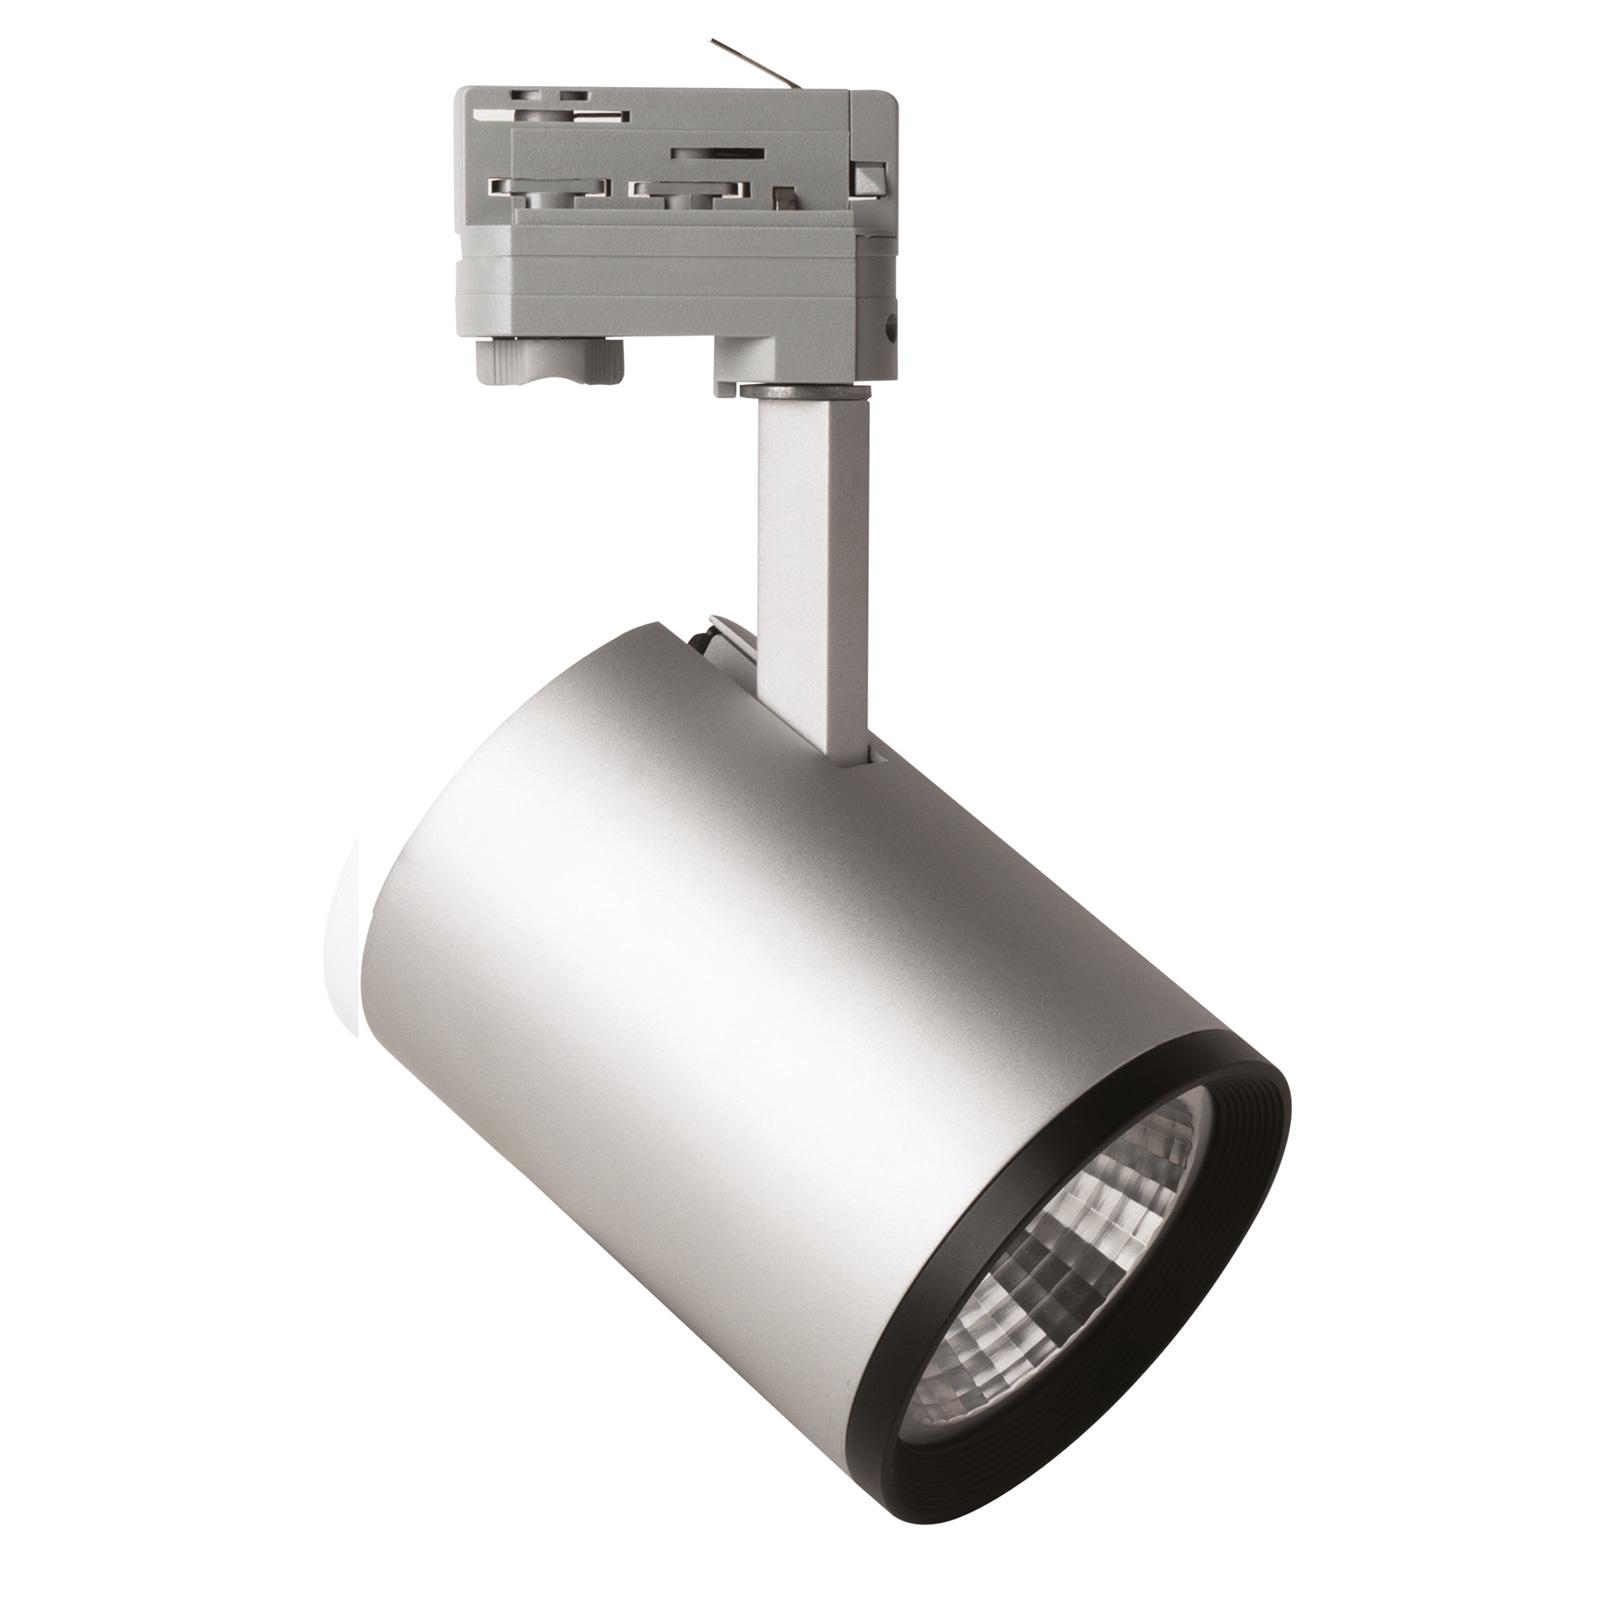 LED-spotti Marco 3-vaihekiskoon, hopea 4 000 K